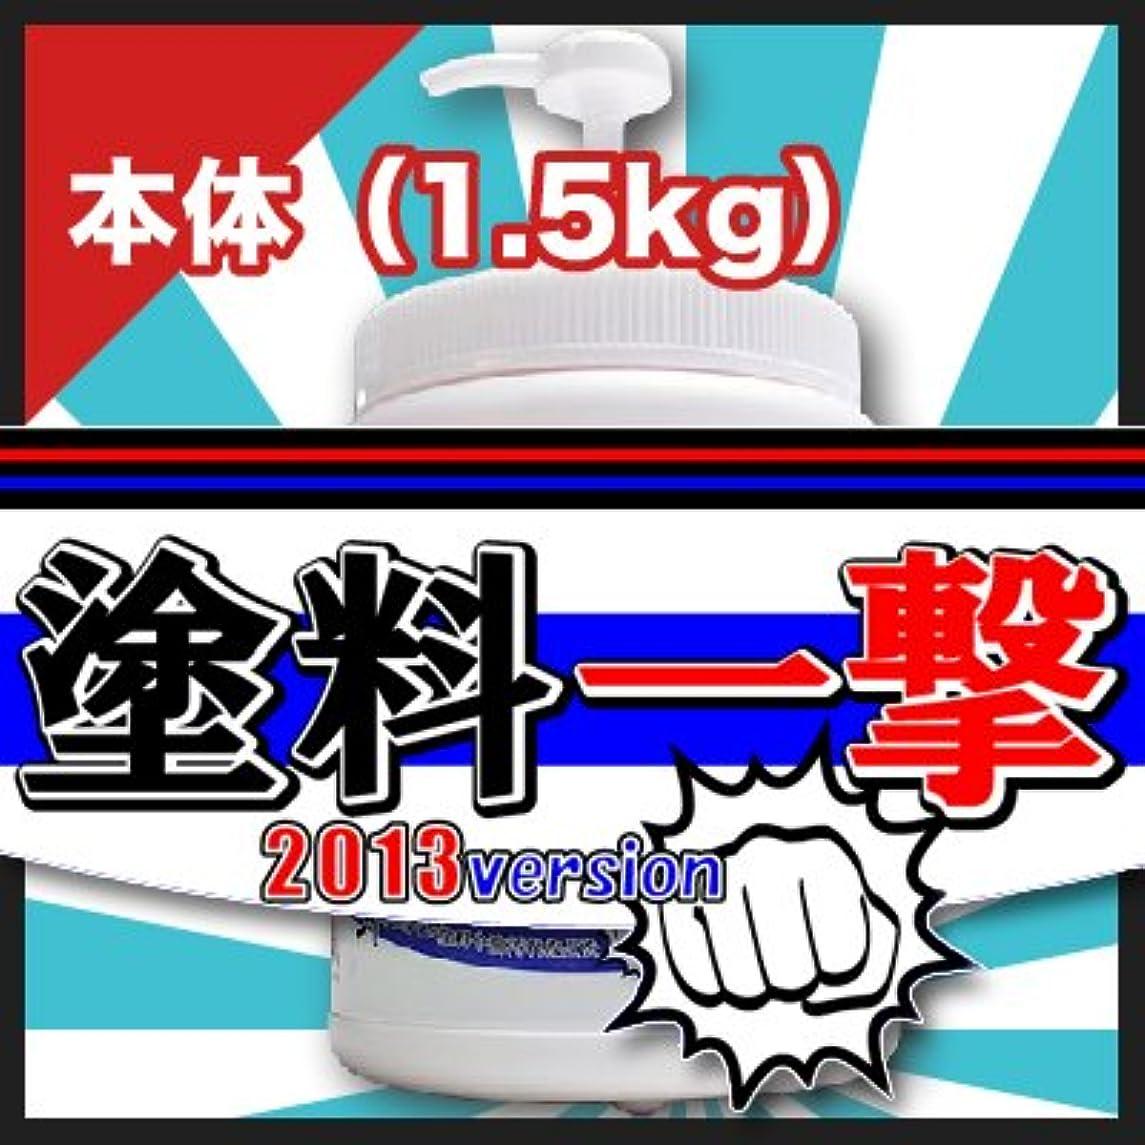 リブあえぎジャンクD.Iプランニング 塗料一撃 2013 Version 本体 (1.5kg)